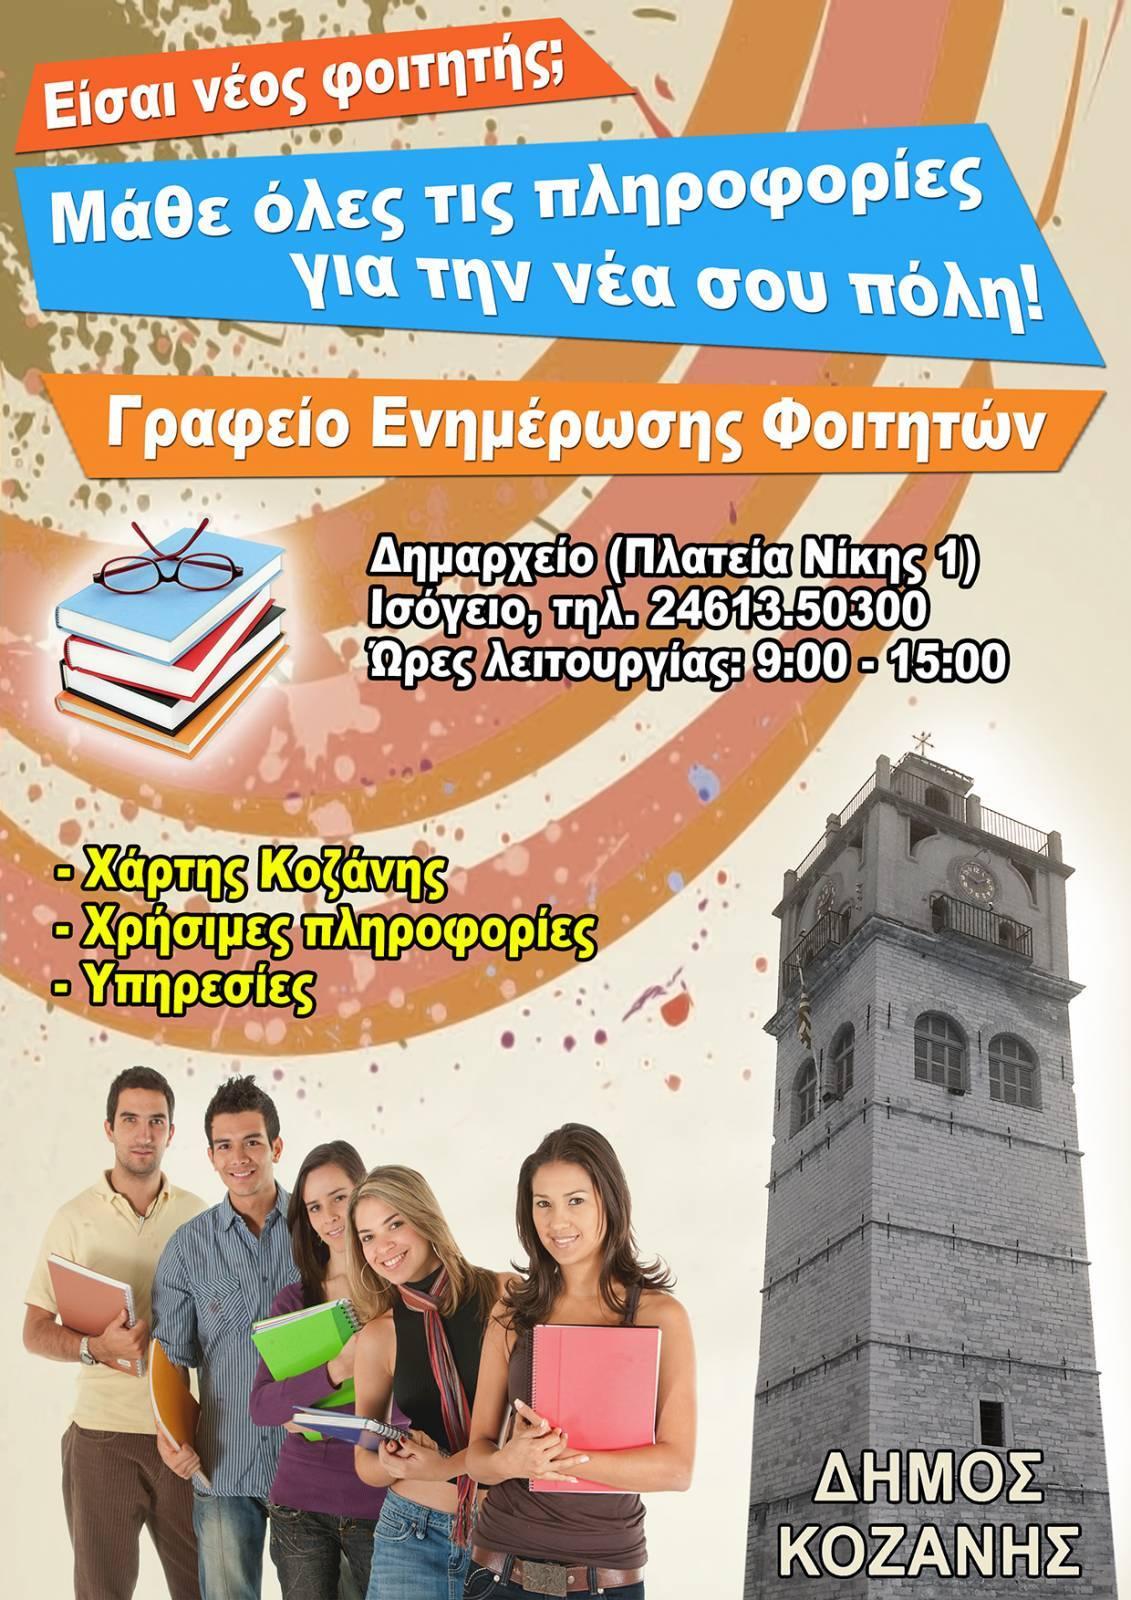 2015 09 01 Grafeio foititon Dimos Kozanis